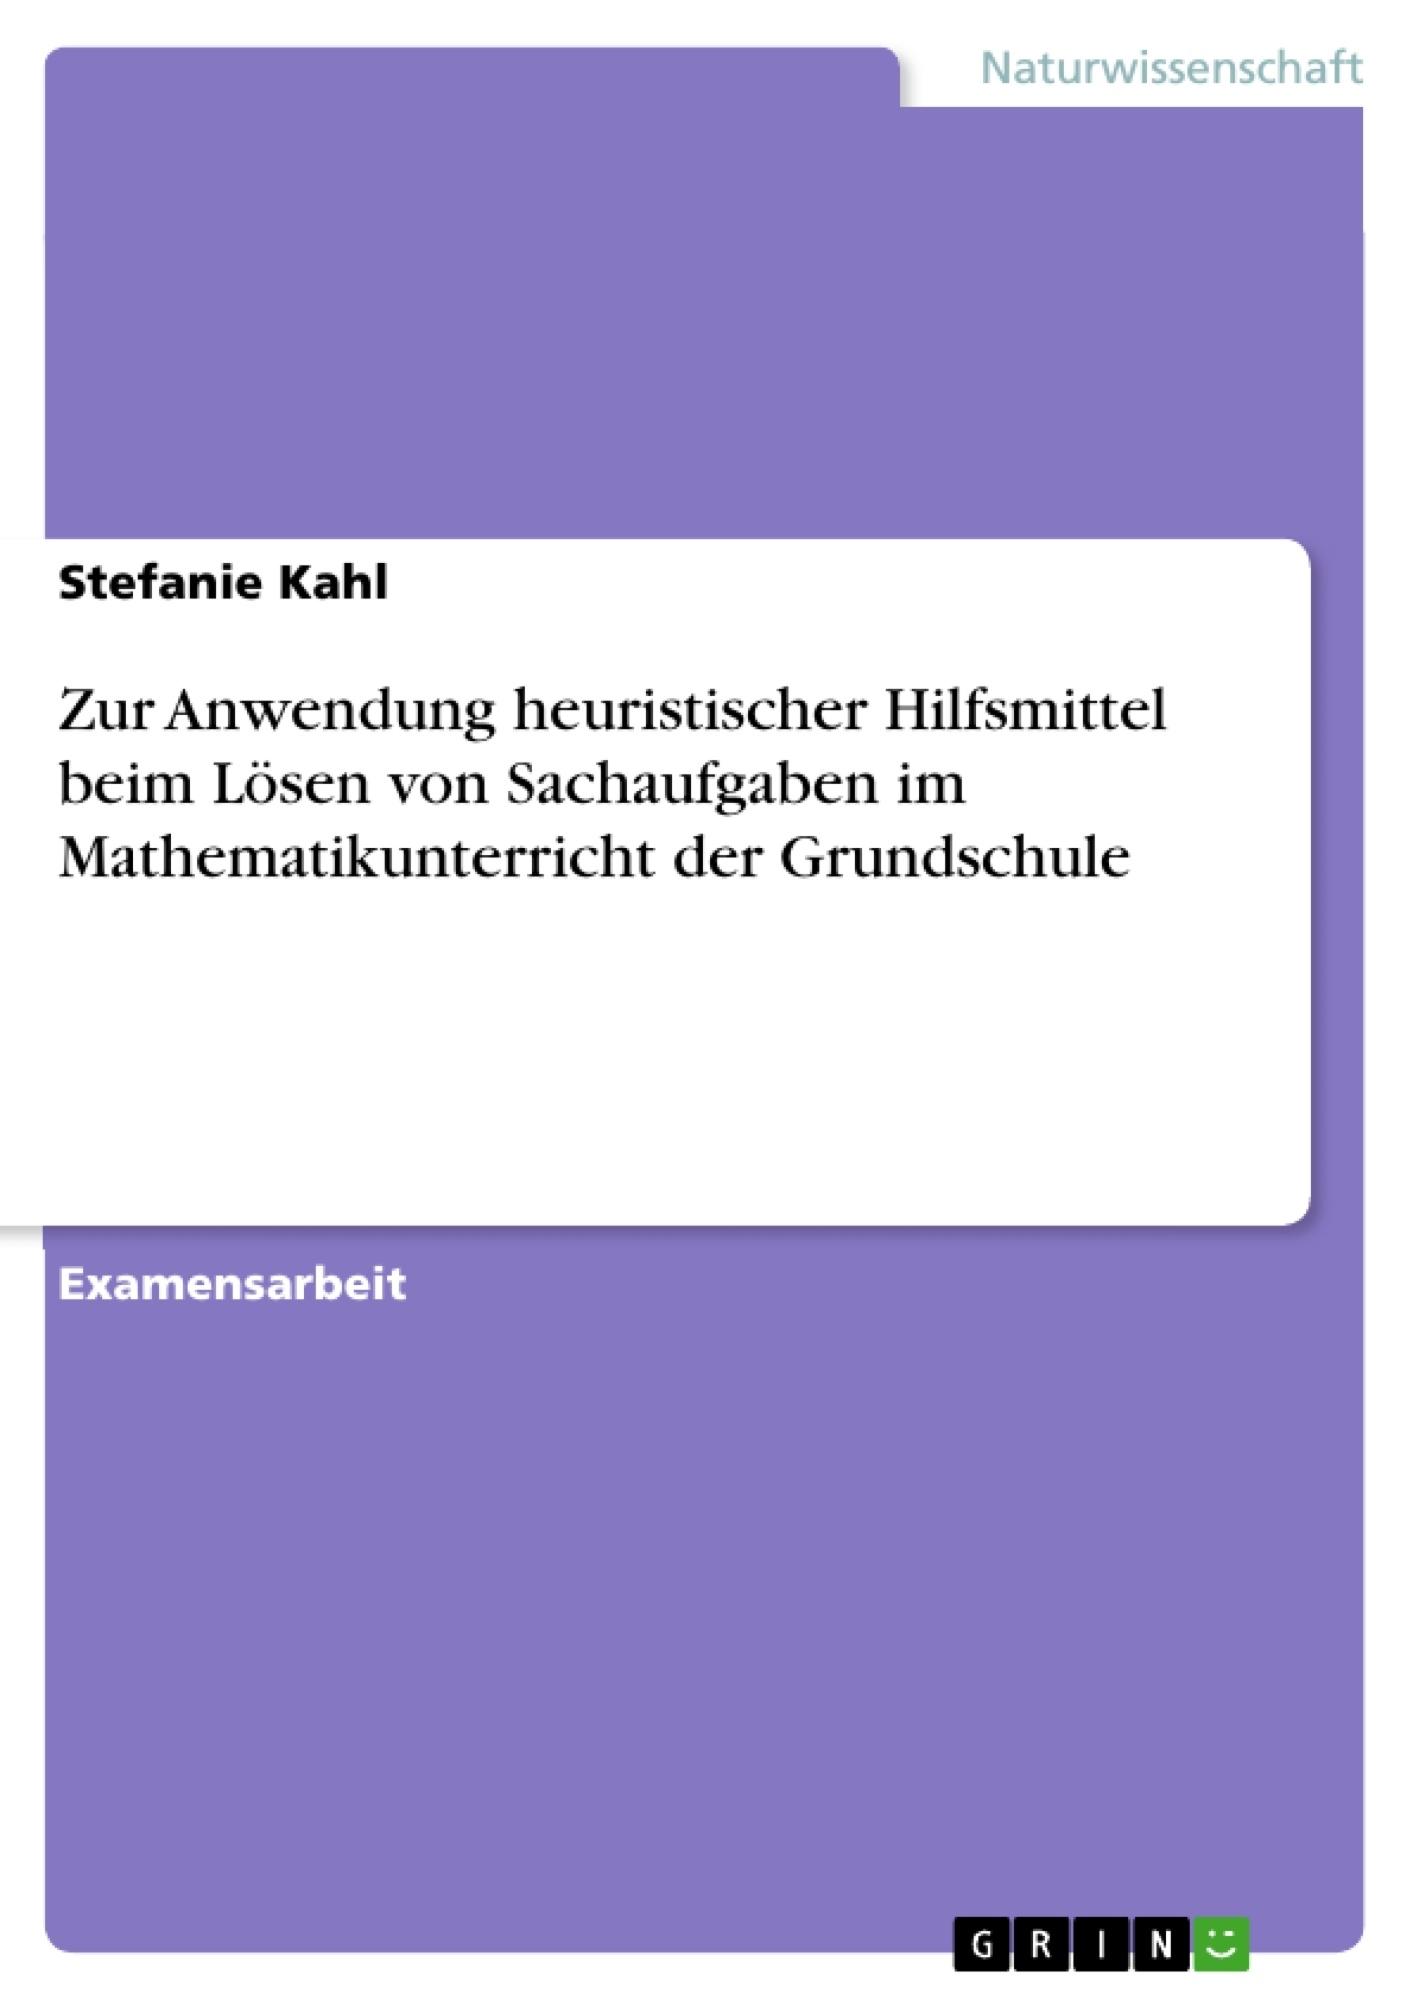 Titel: Zur Anwendung heuristischer Hilfsmittel beim Lösen von Sachaufgaben im Mathematikunterricht der Grundschule